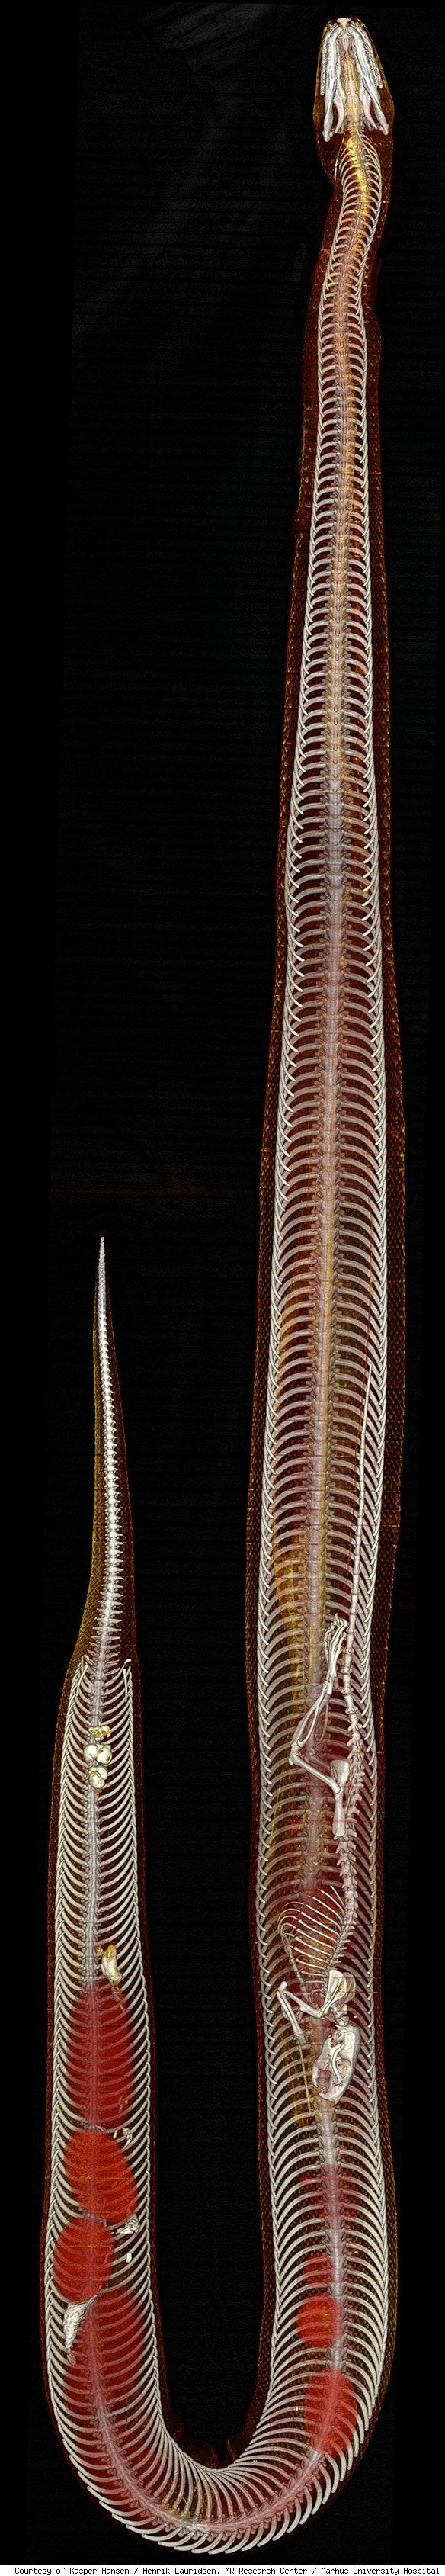 La digestion d'un rat par un serpent à l'IRM serpent digestion rat souris python 02 technologie photo featured